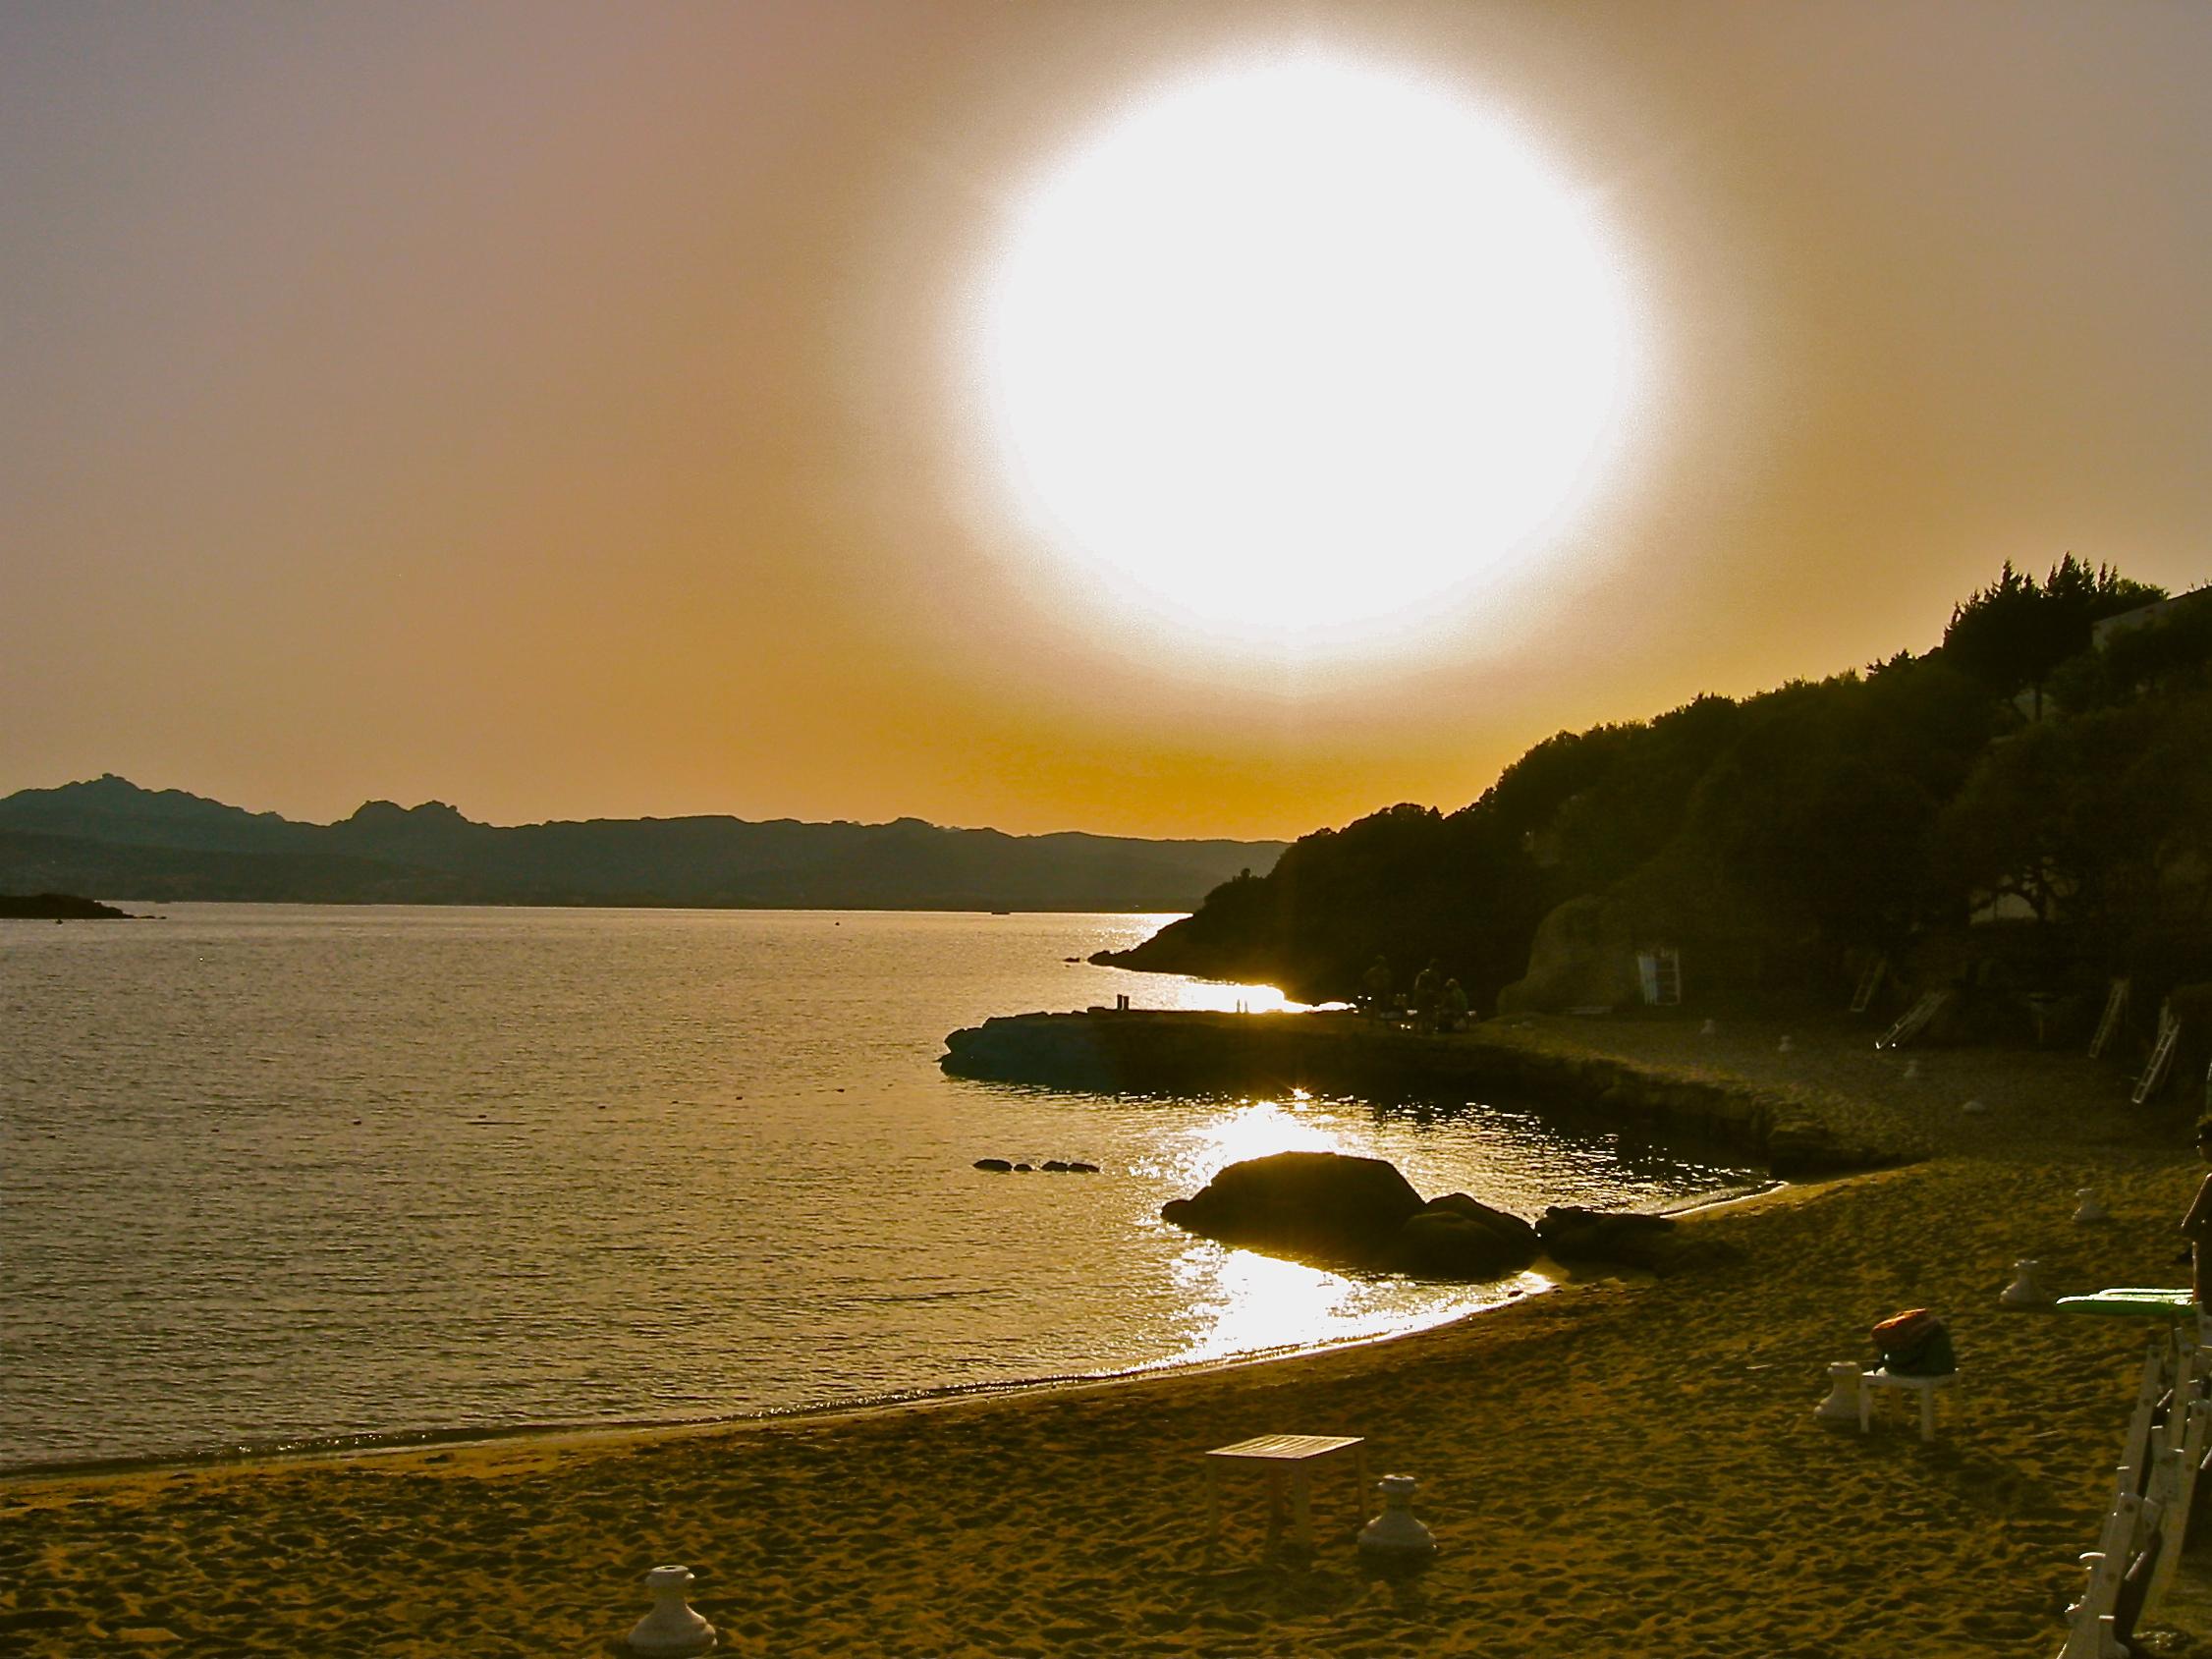 Spiaggia d'oro. Arzachena (OT), Luglio 2007